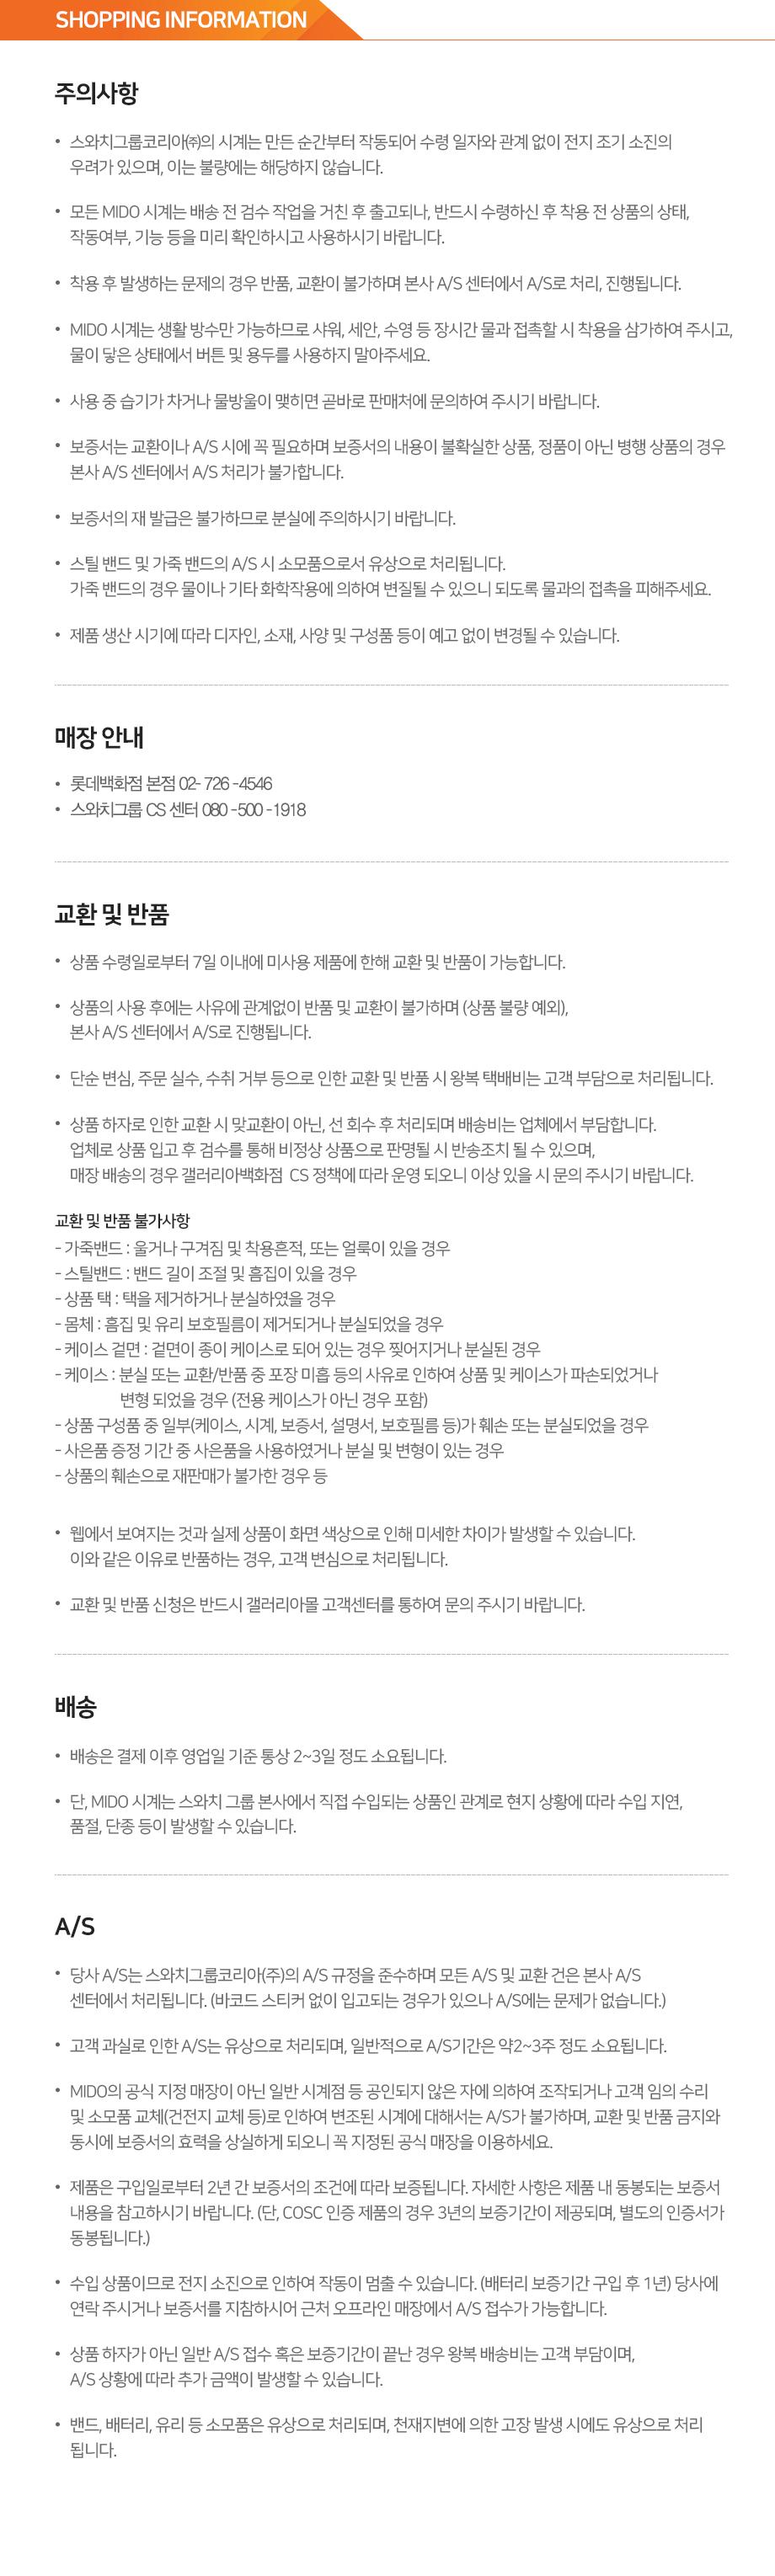 미도 롯데닷컴